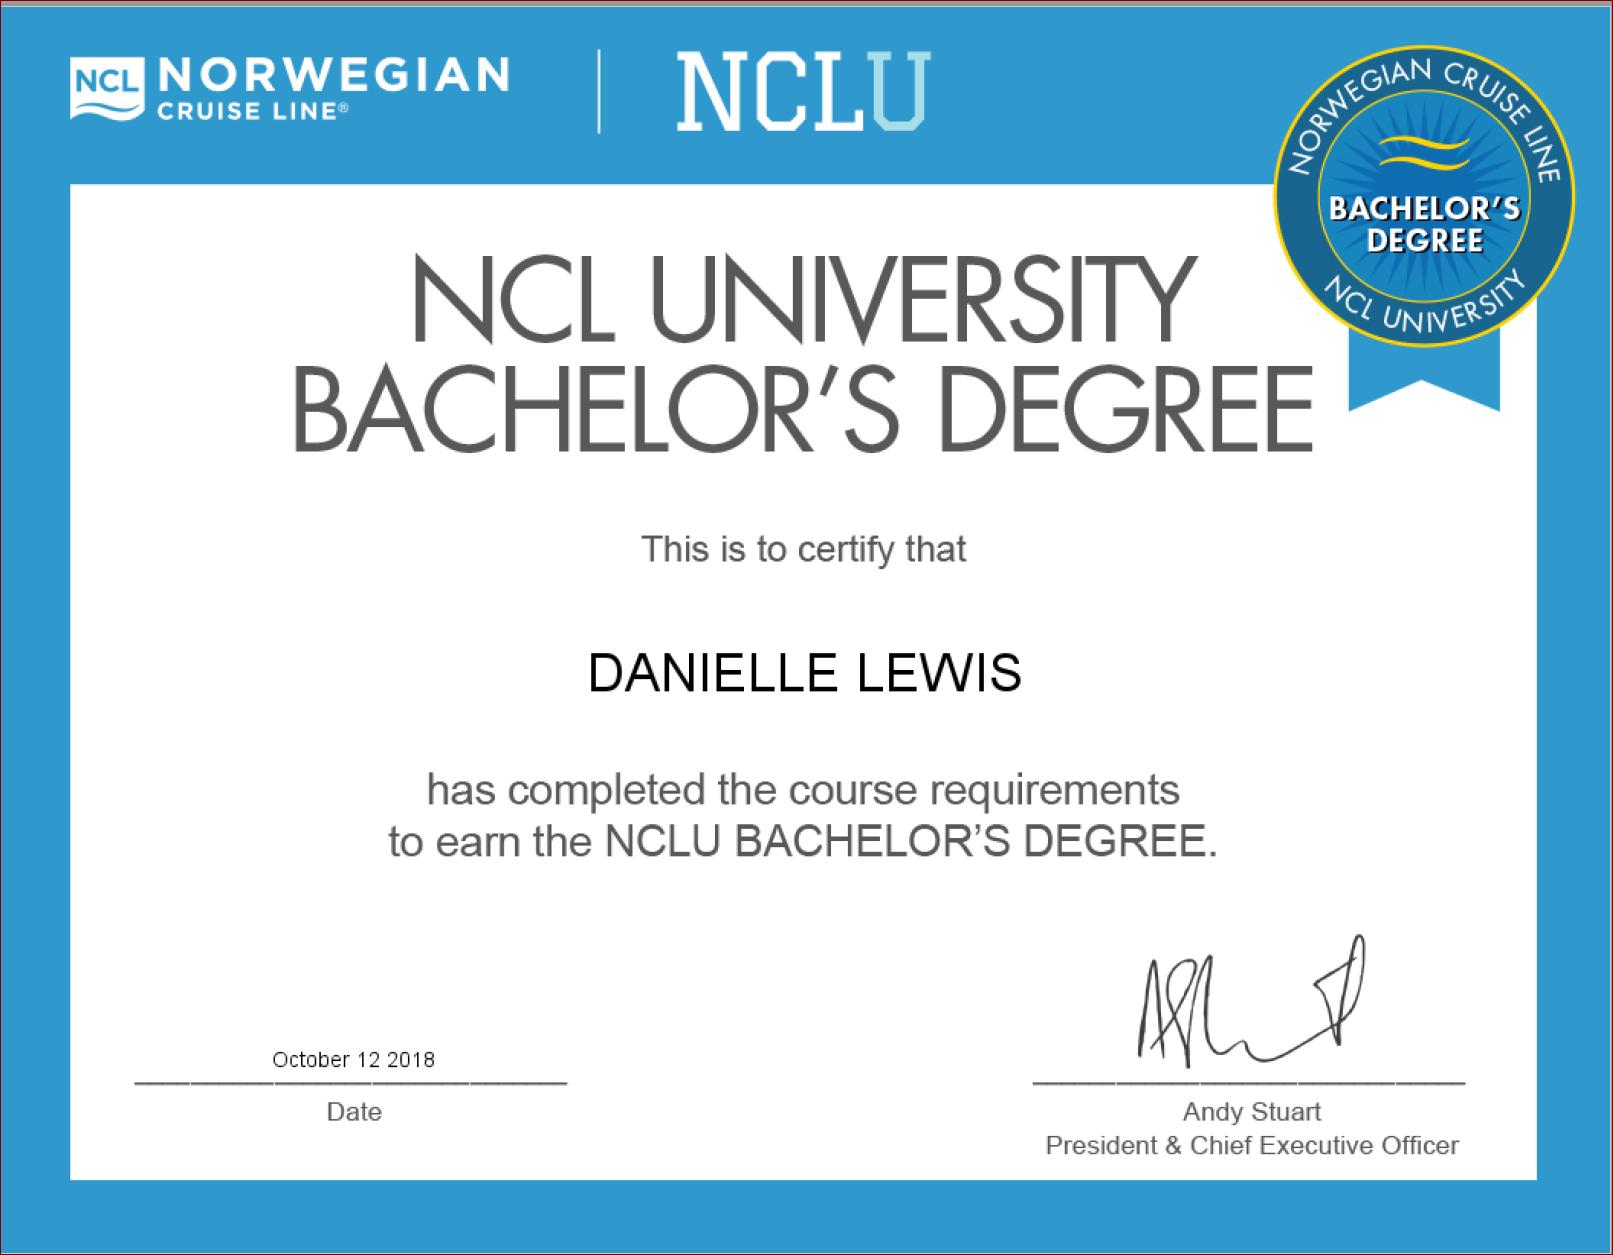 SelfishMe Travel - Norwegian Cruise Line University Bachelor's Degree